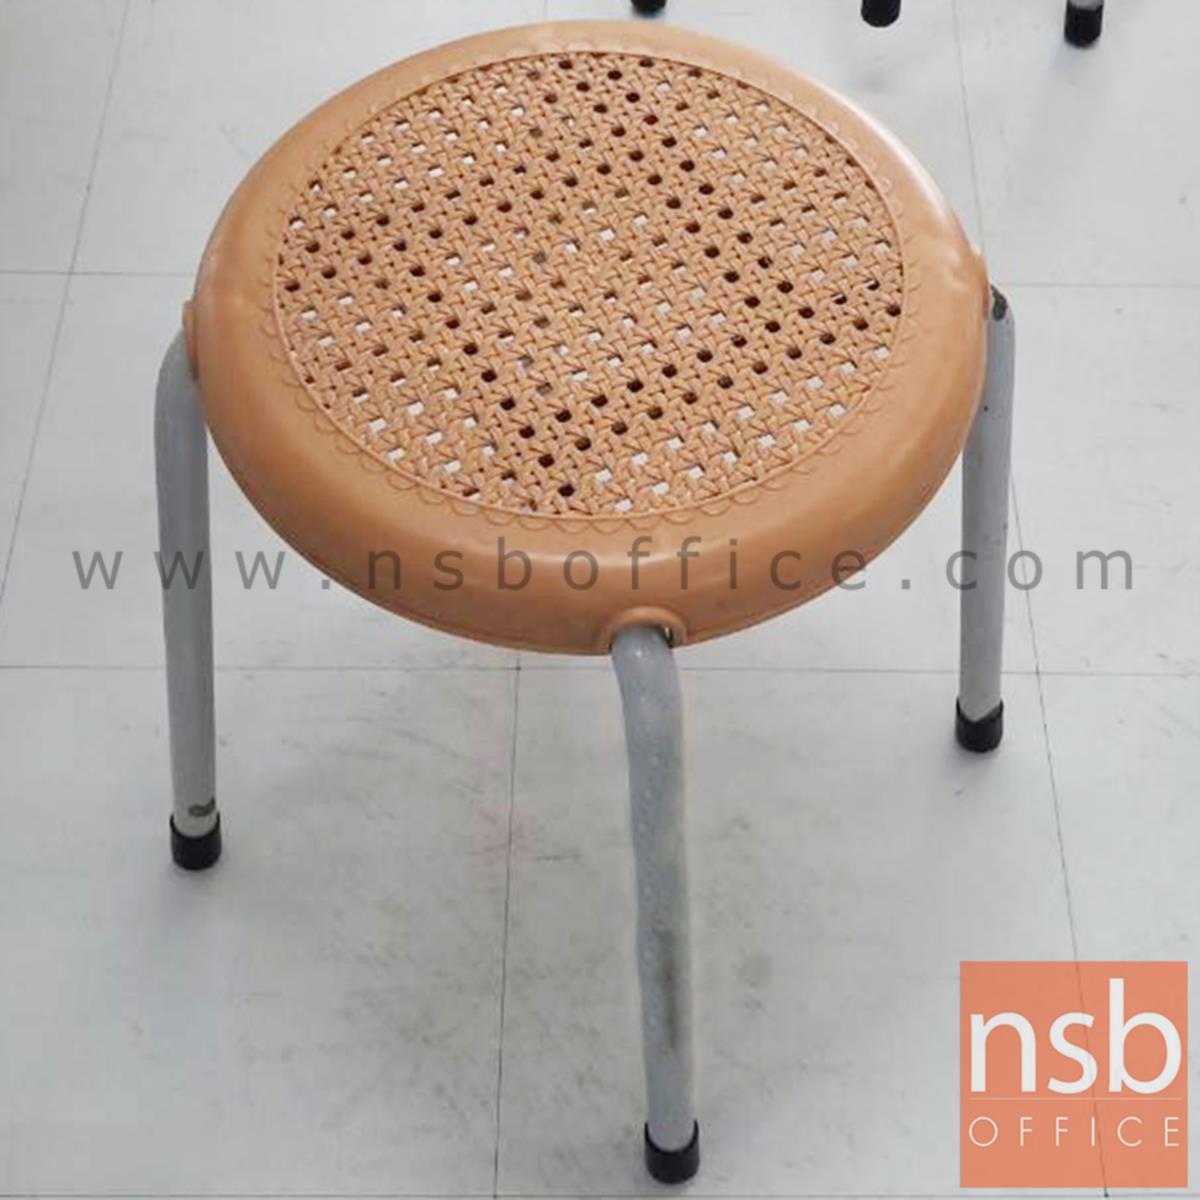 เก้าอี้สตูลกลมที่นั่งพลาสติกลายหวาย  31Di*45H cm. ขาเหล็กกลมพ่นเทา